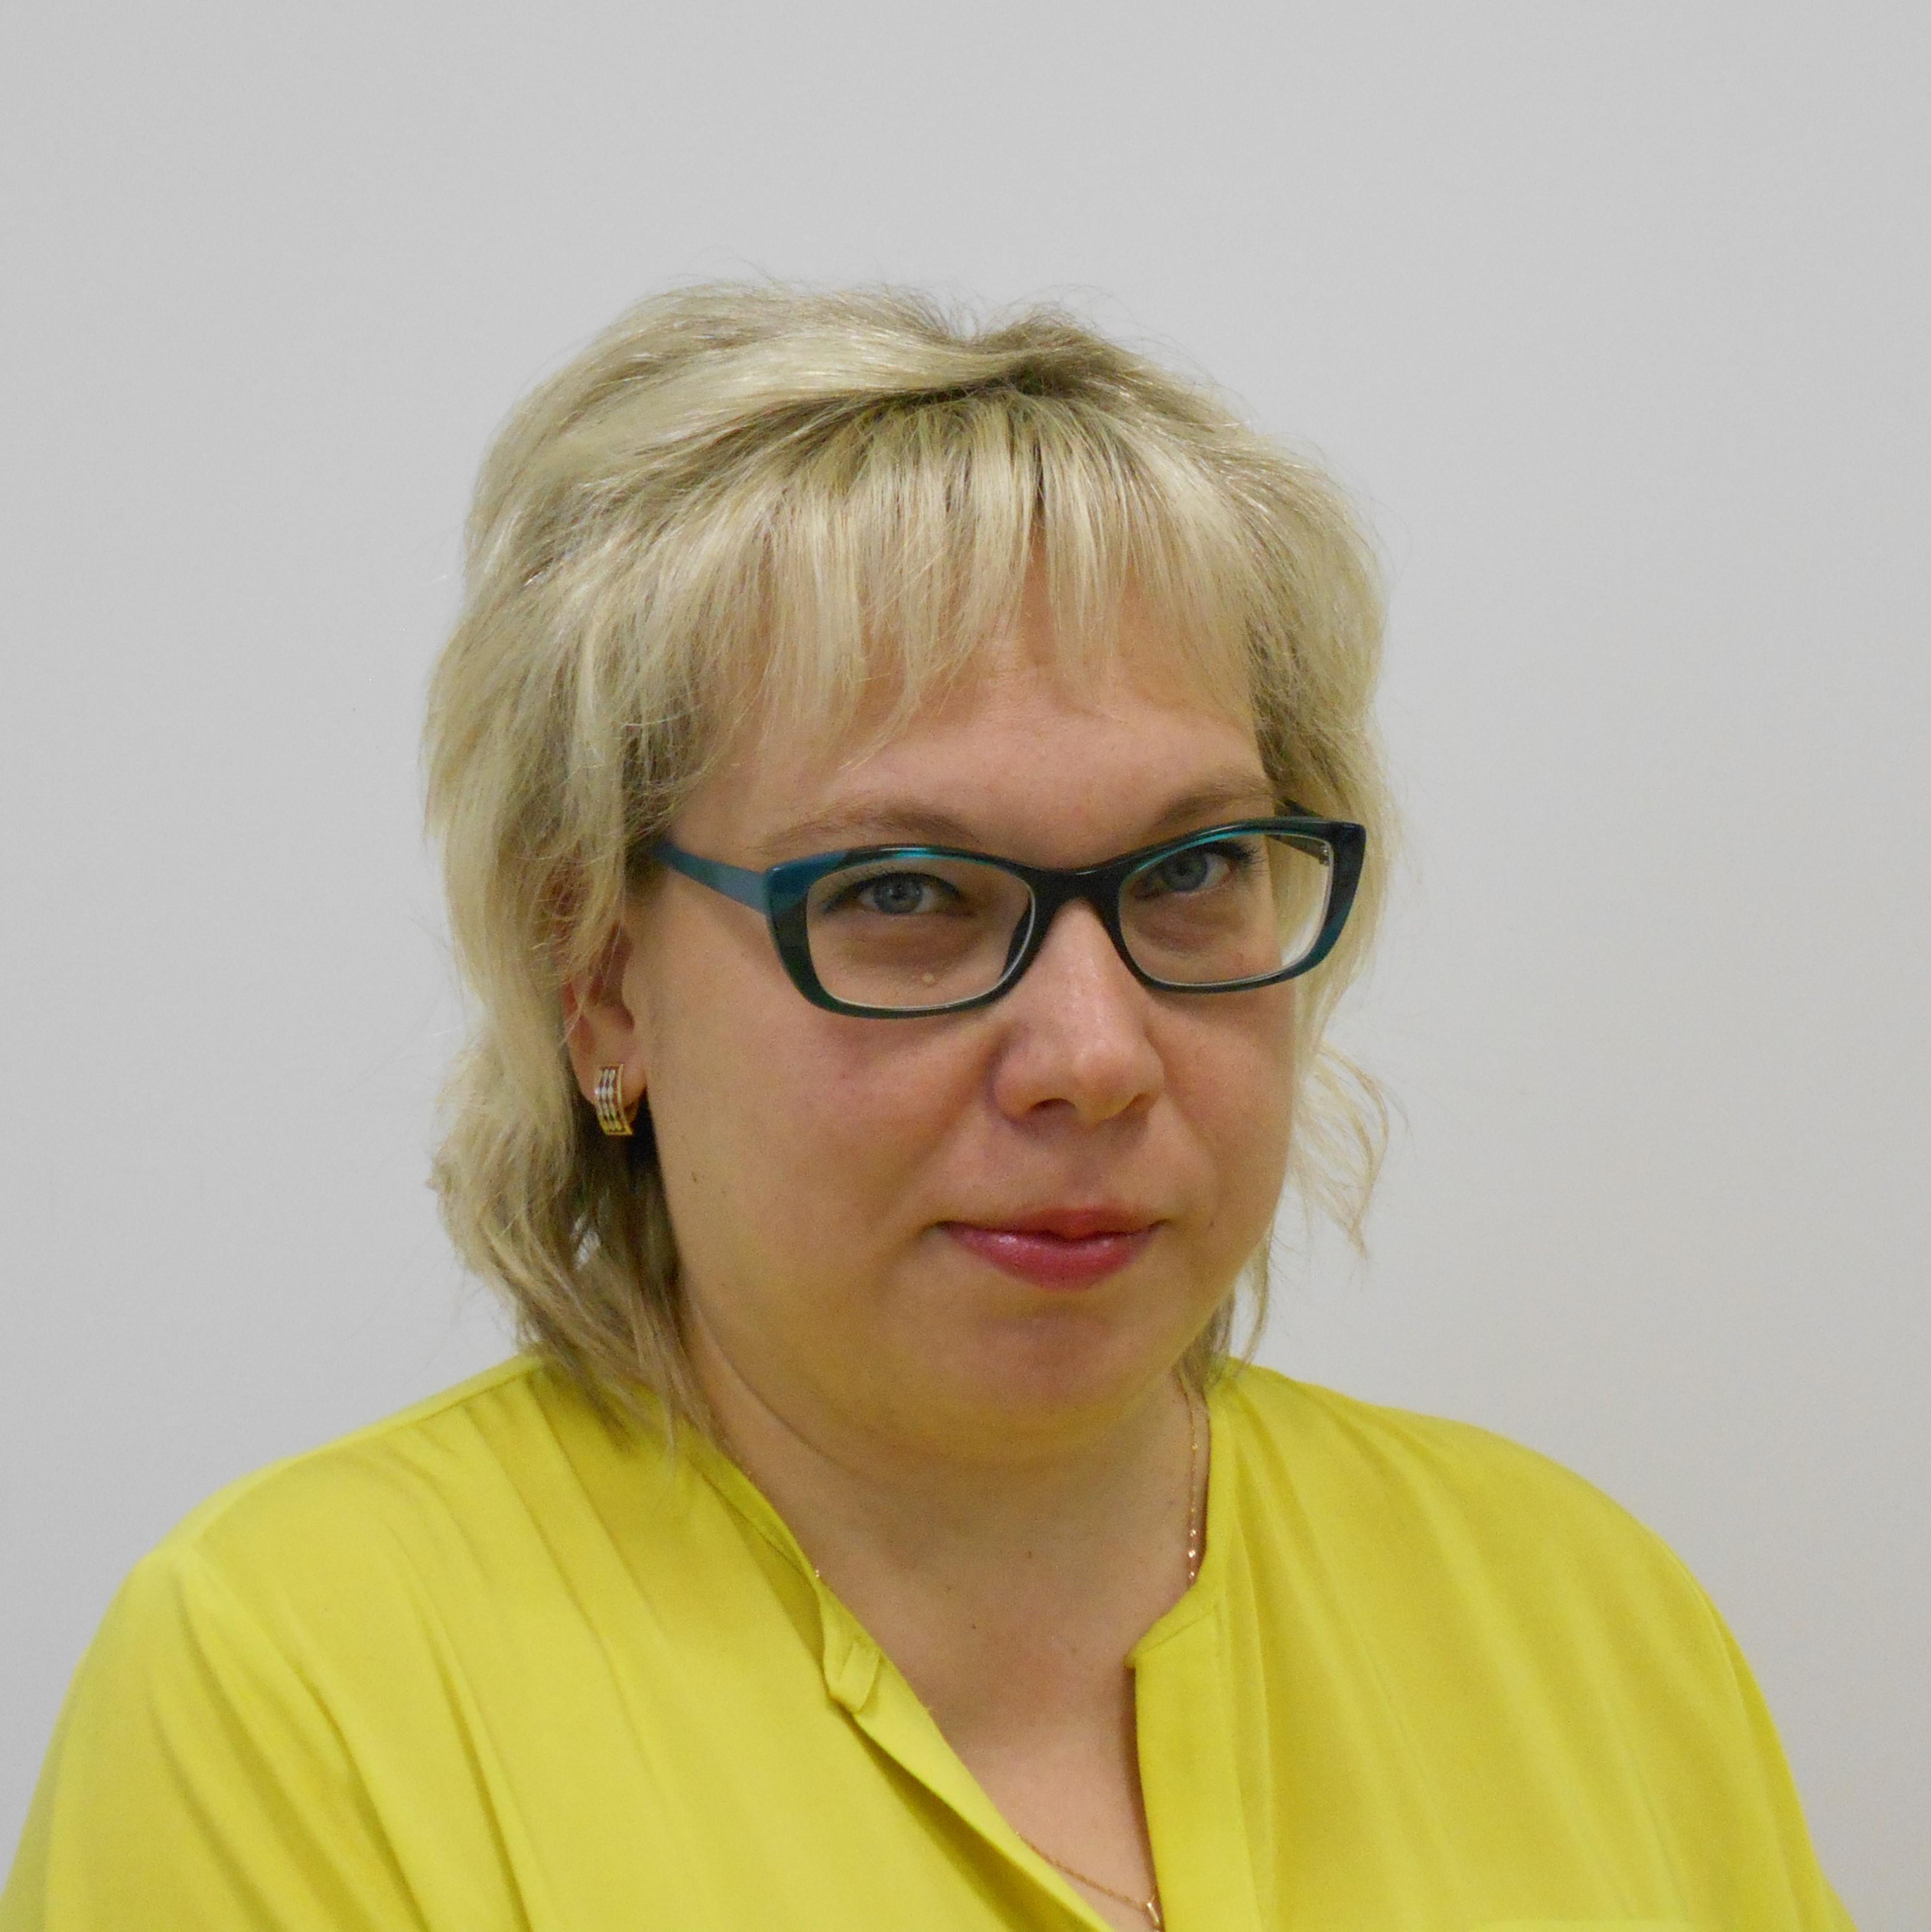 Бегунова Елена Григорьевна